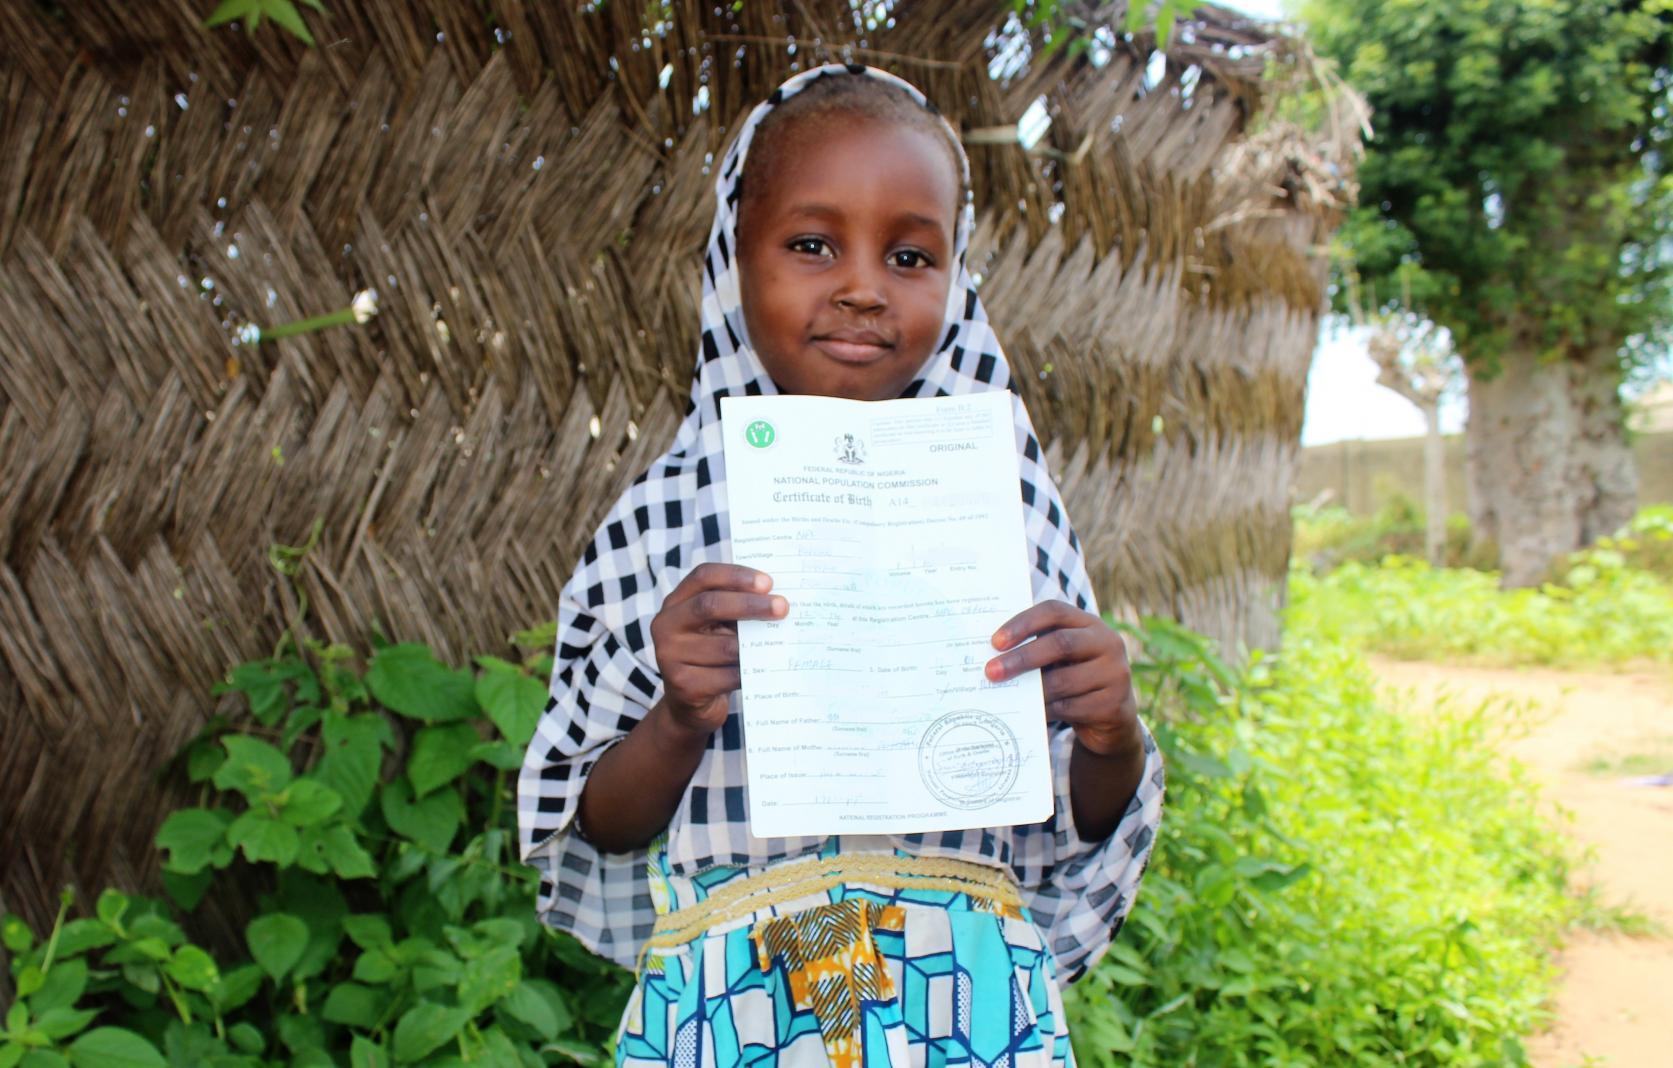 Onnistuminen! Tämä nigerialainen tyttö on saanut syntymärekisteritodistuksen.